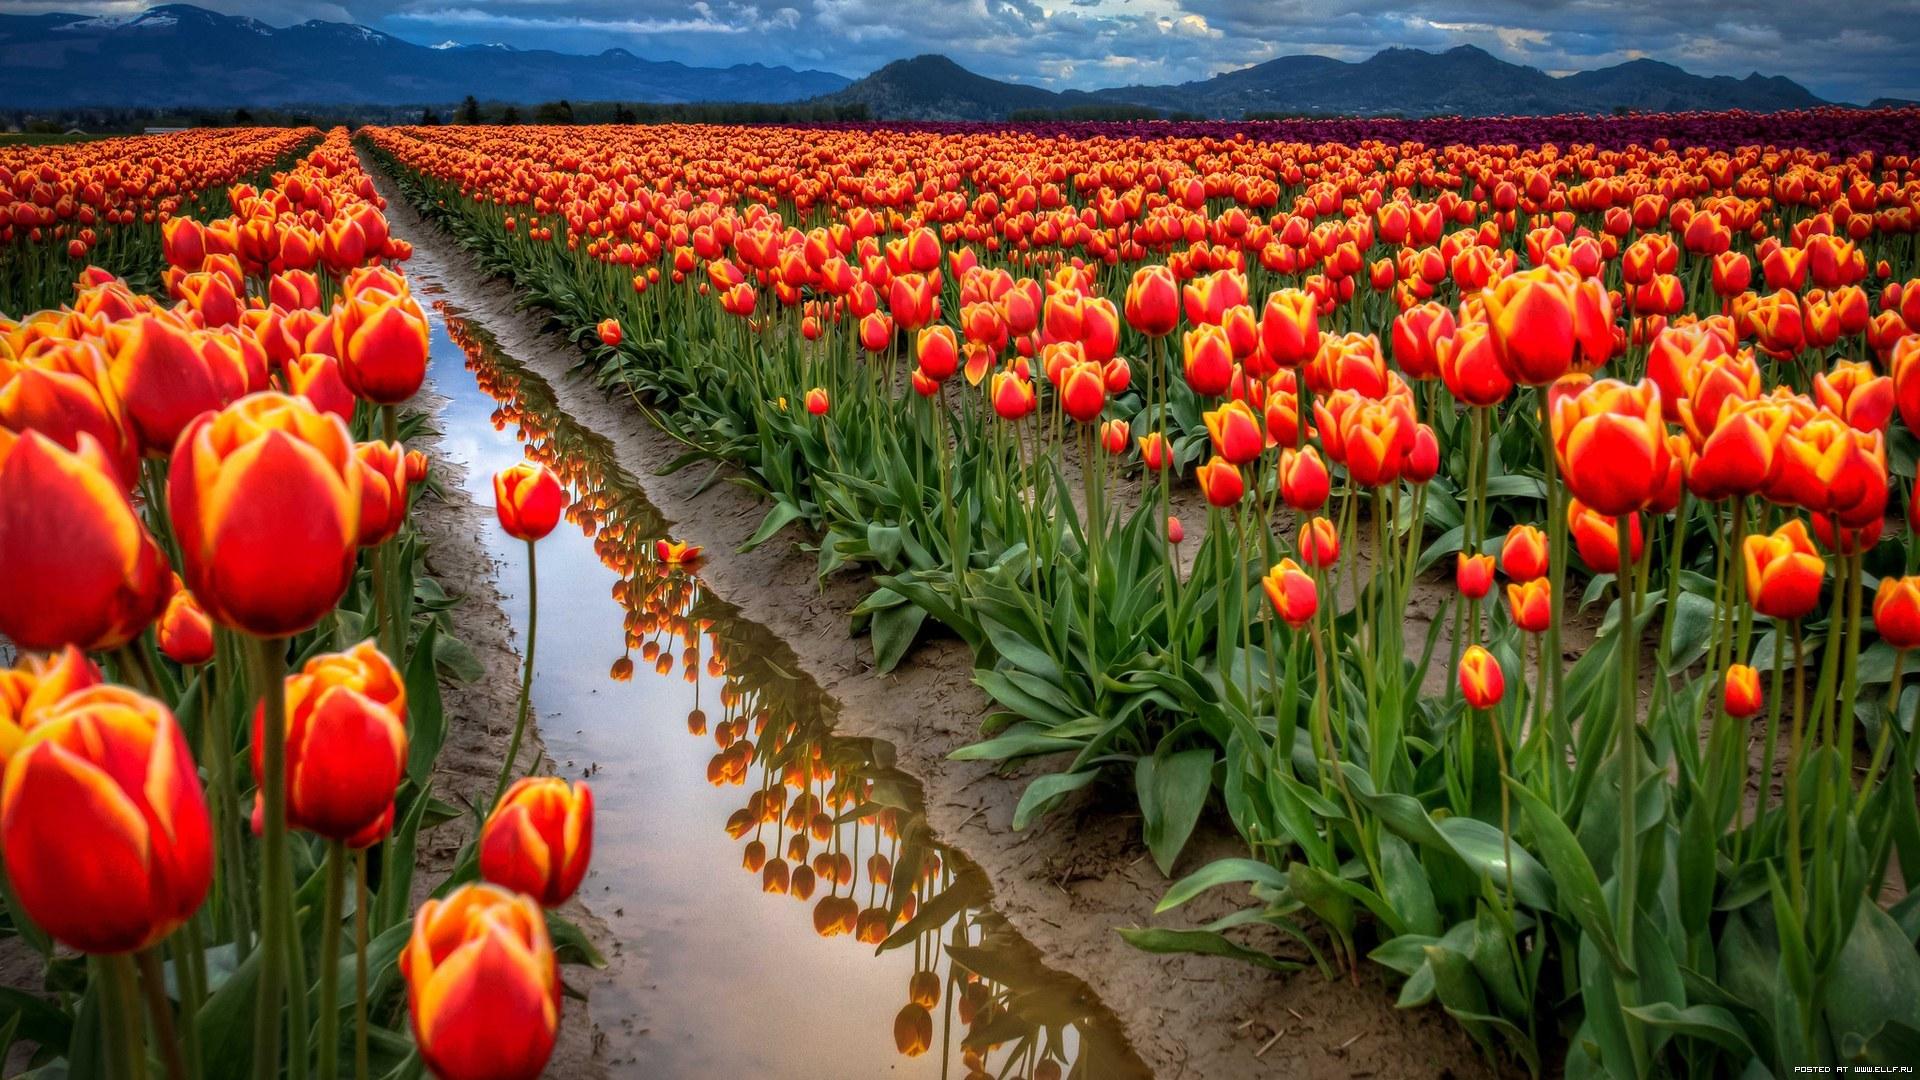 49051 скачать обои Растения, Цветы, Поля, Тюльпаны - заставки и картинки бесплатно